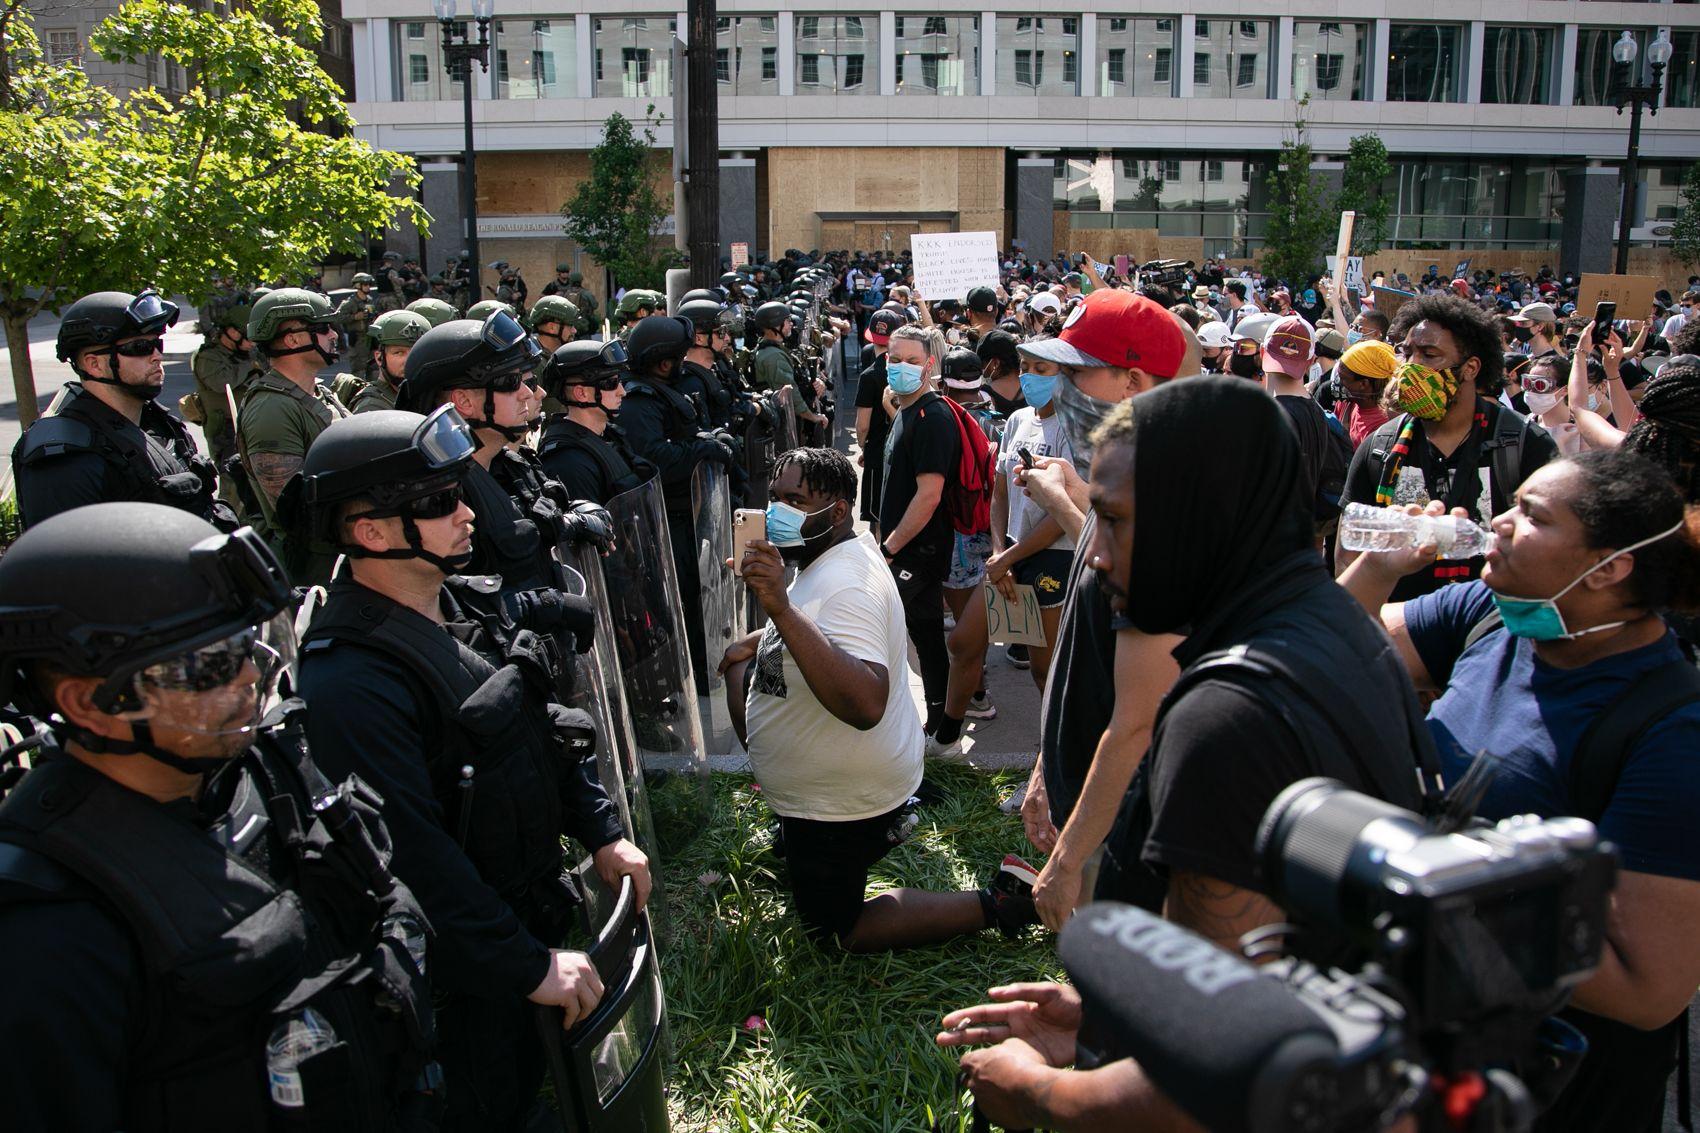 写真・図版 : ホワイトハウス周辺を警備する警官隊と抗議運動をする人たち=ワシントン、ランハム裕子撮影、2020年6月3日